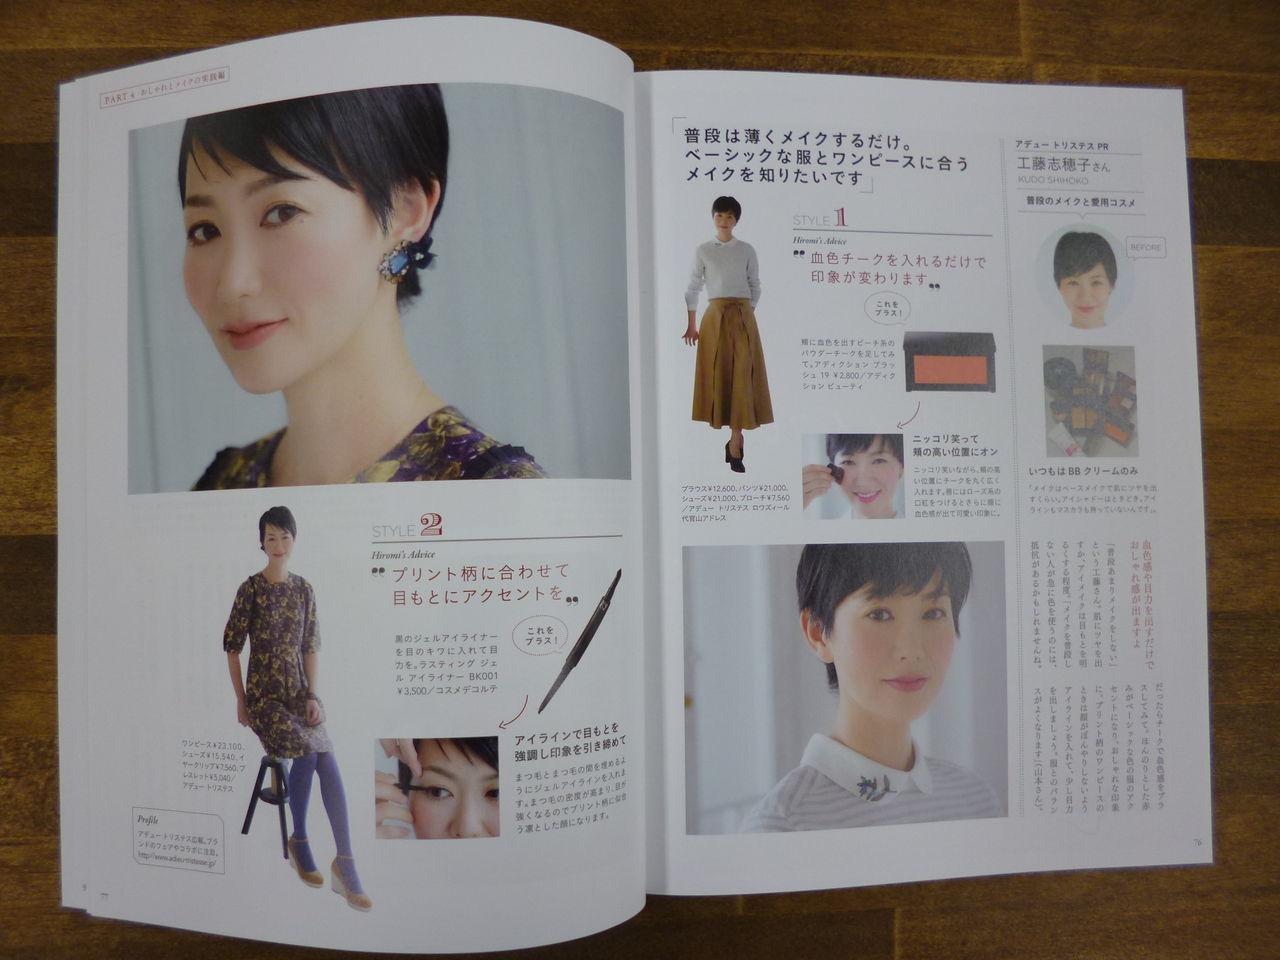 ちょっとしたポイントやテクニックで 劇的に表情アップ!してくれる山本マジック!を習得できる 山本浩未さんの新刊「40代からのメイク」 是非 ご覧ください。